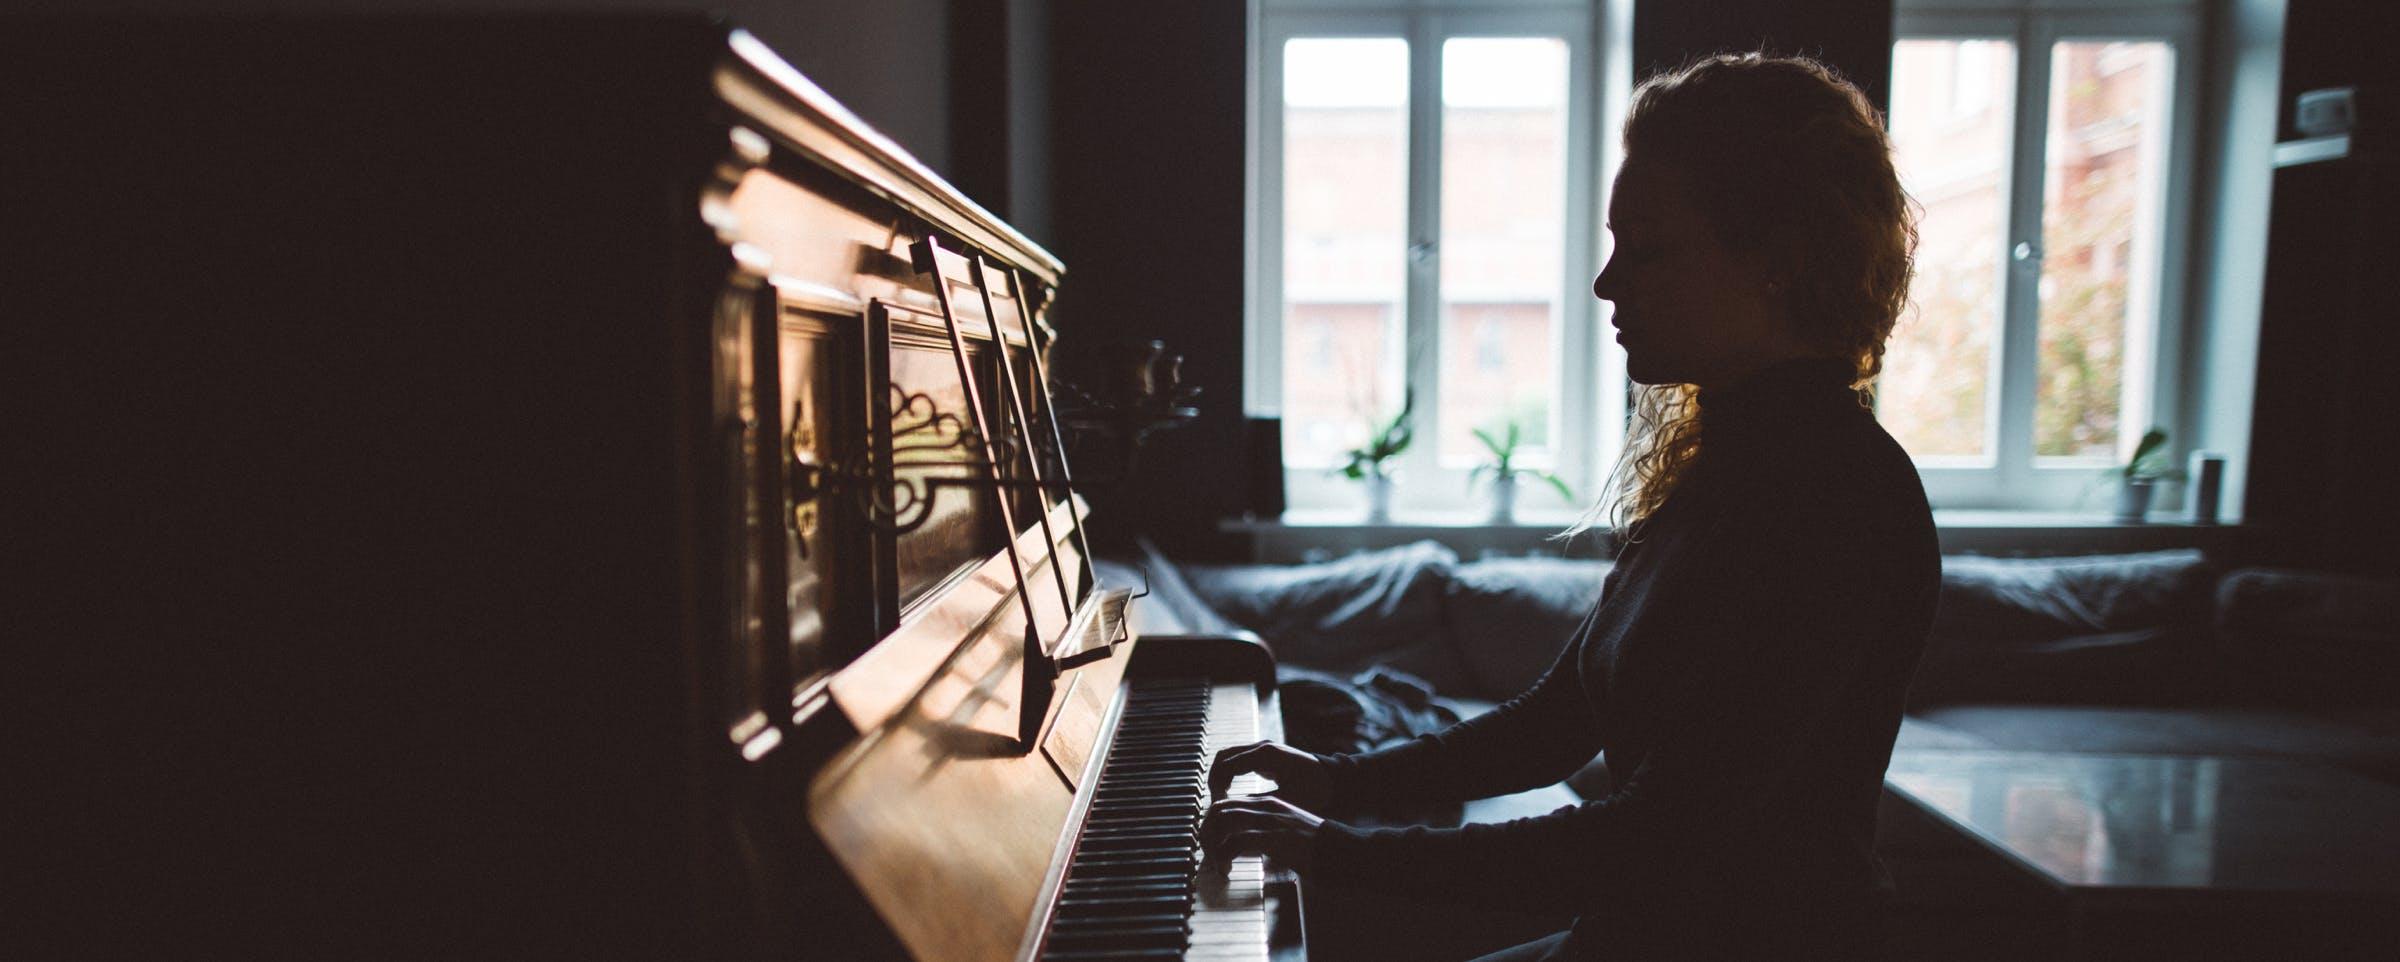 Female piano player